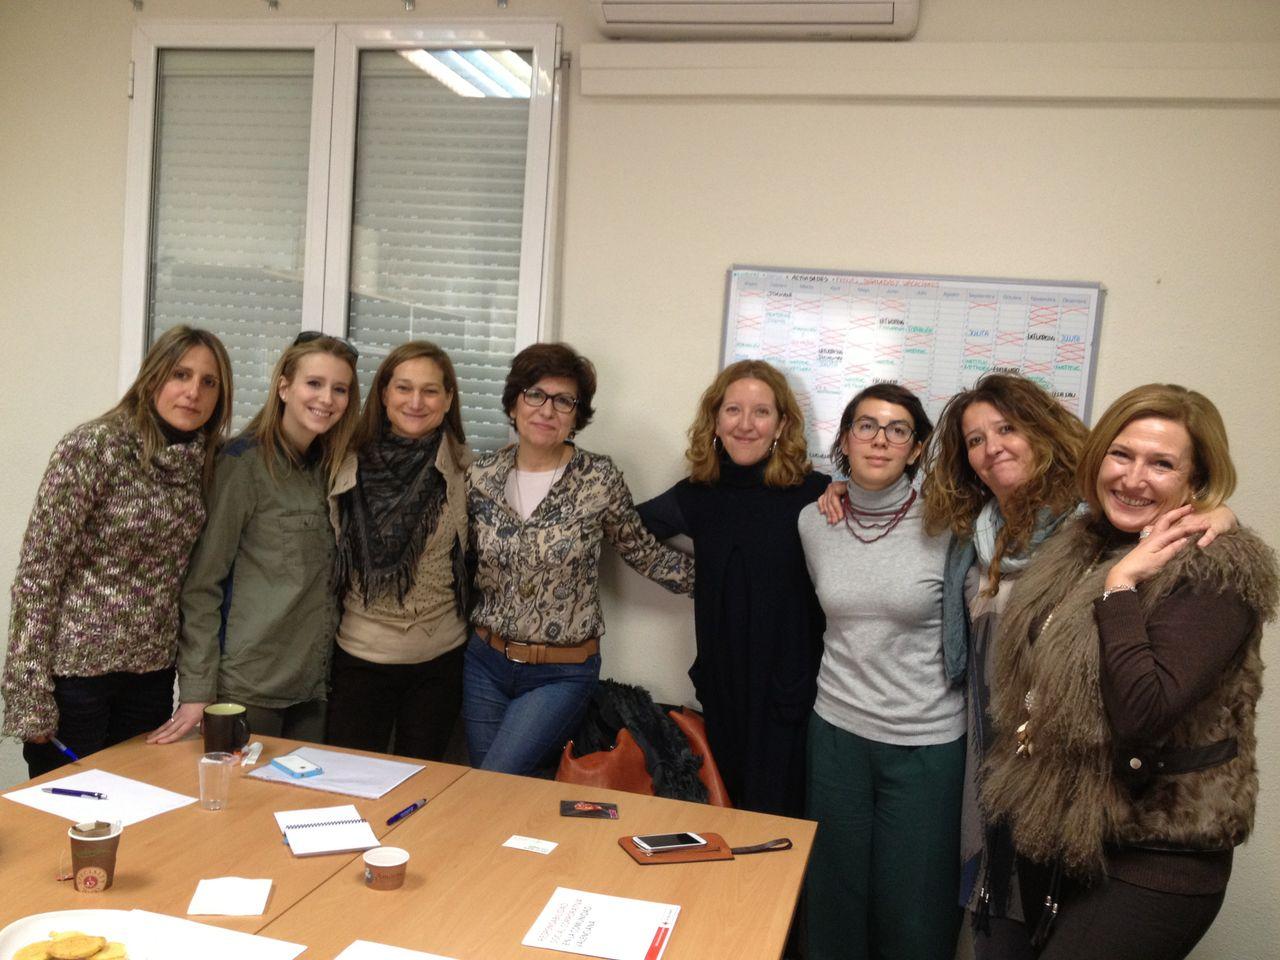 Santiago consultores participa en un taller de RSC junto a Cruz Roja y EVAP